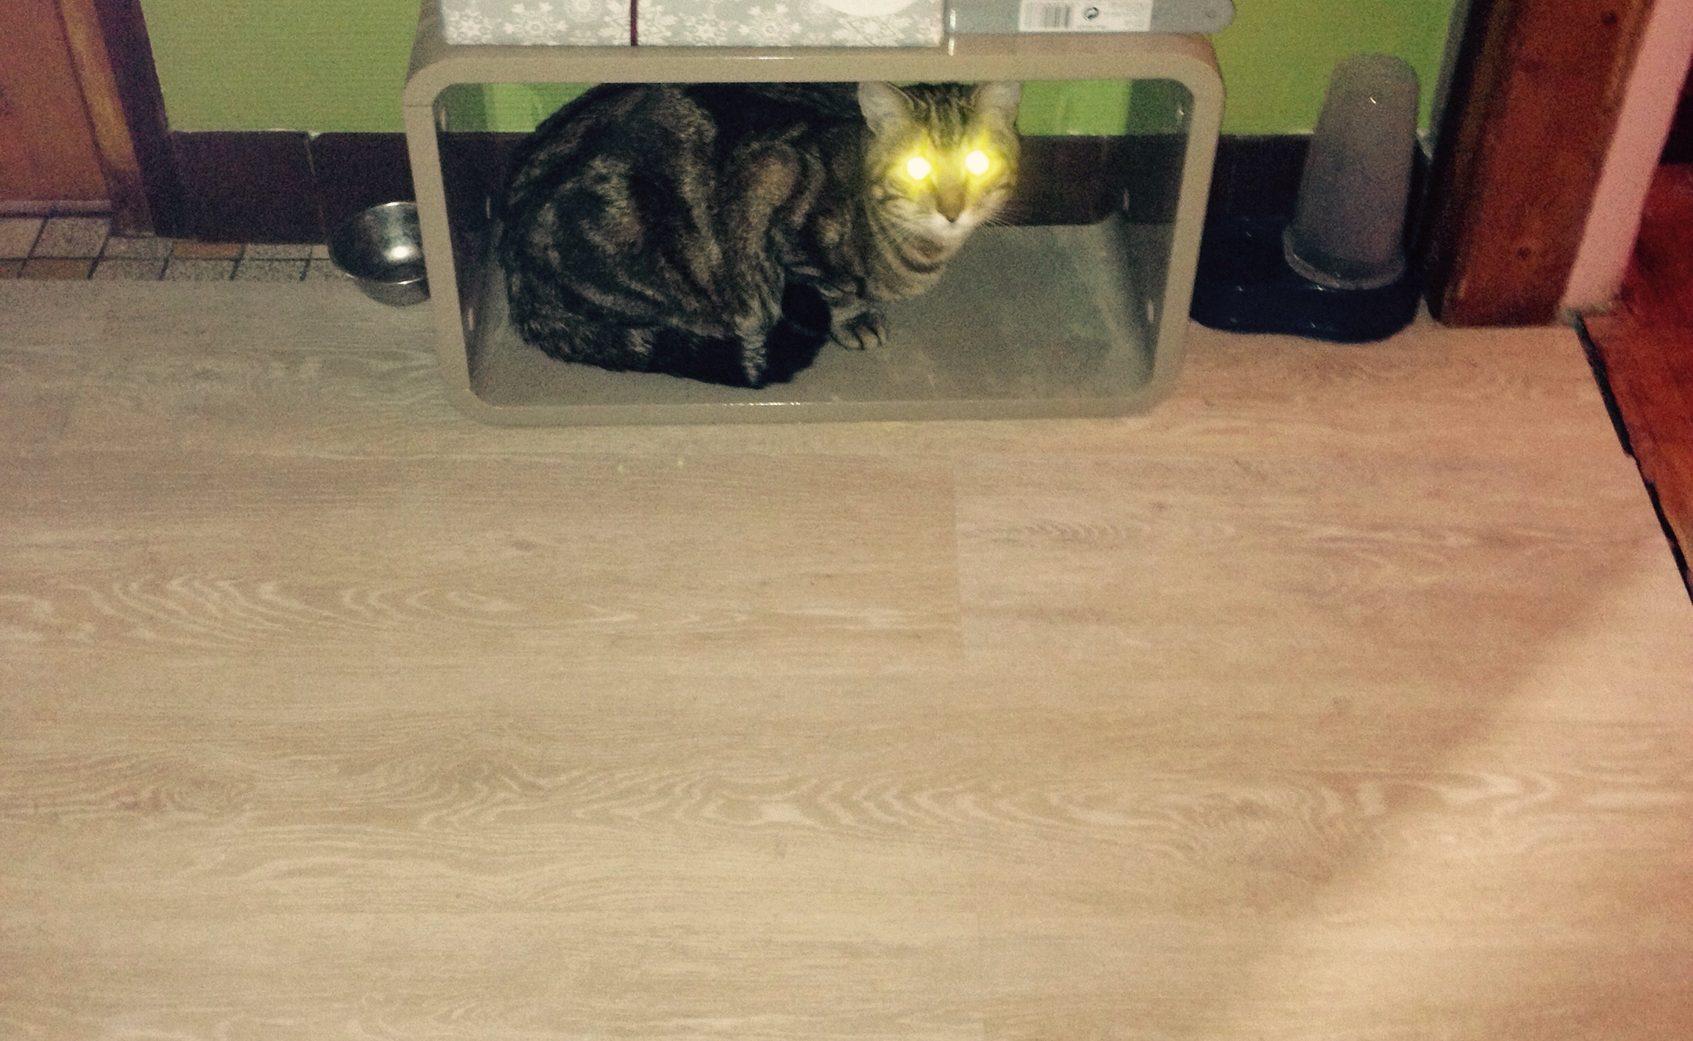 Les chats zombies nous envahissent - meme